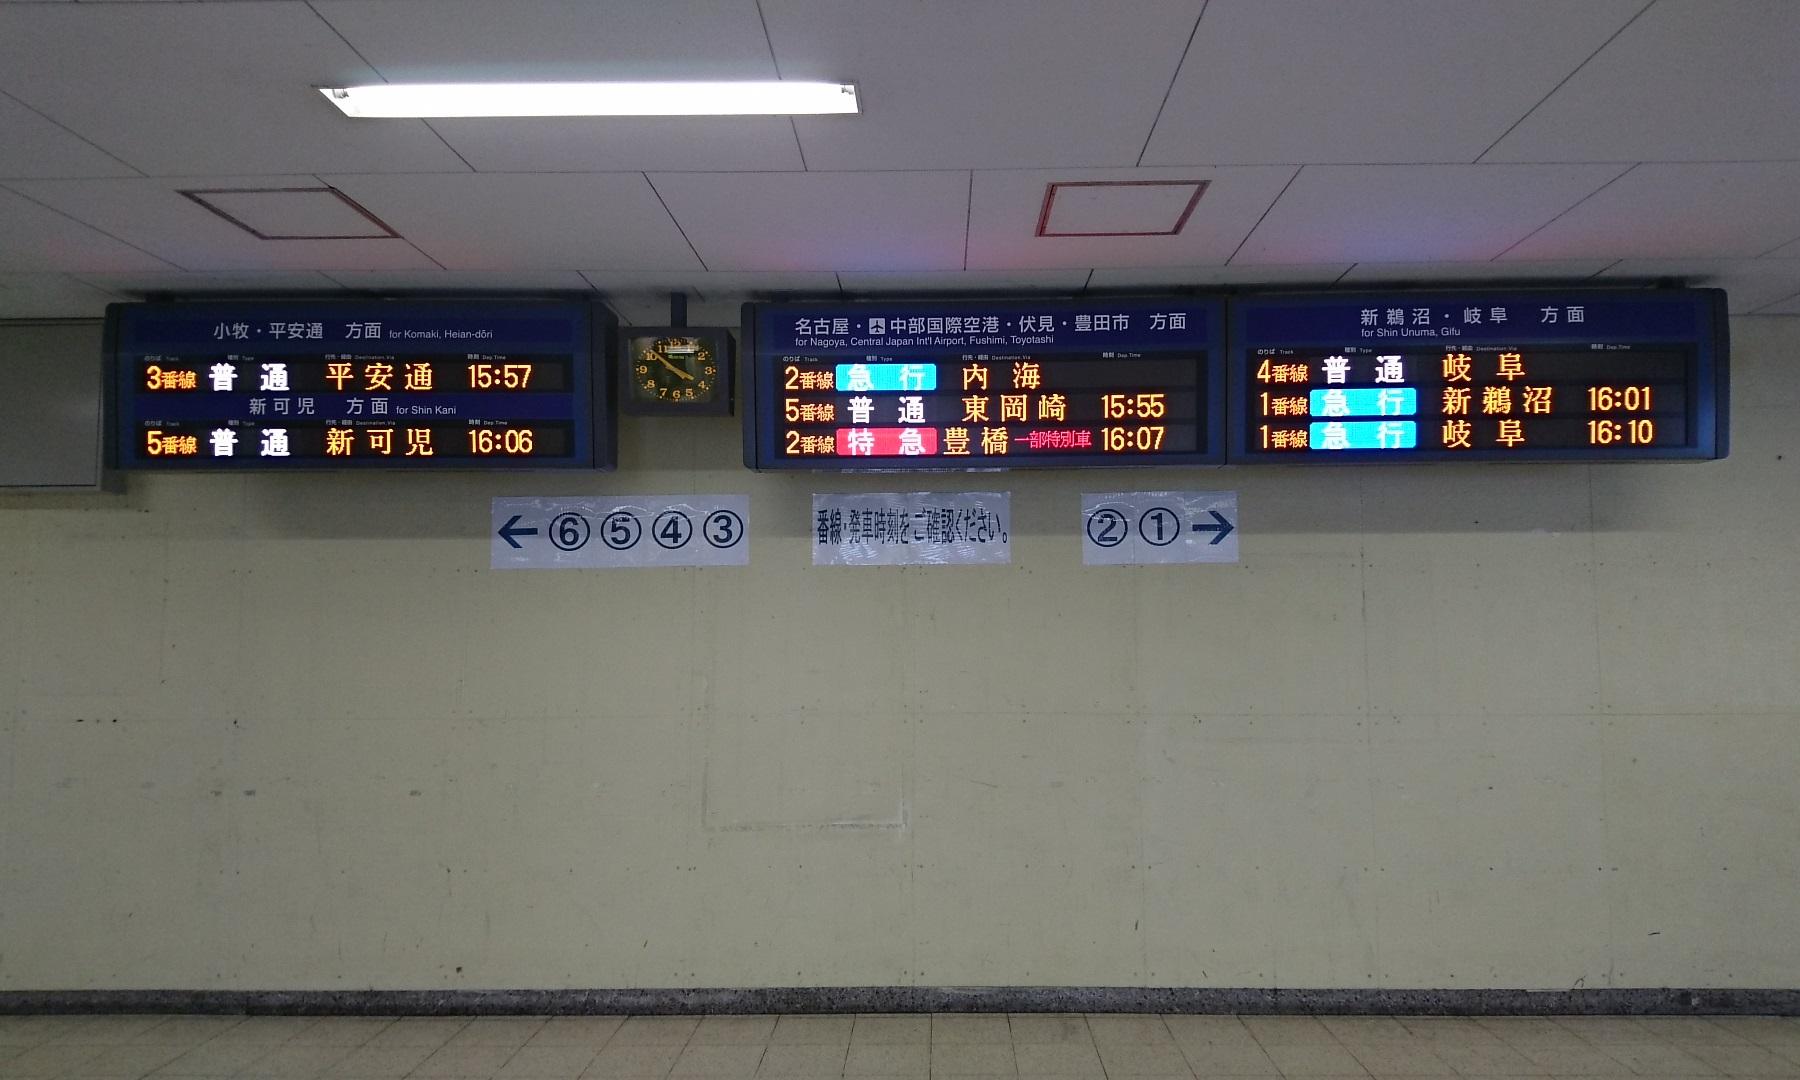 2017.1.13 かえり (8) 犬山「2番線・特急・豊橋(一部特別車)16:07」 1800-1080